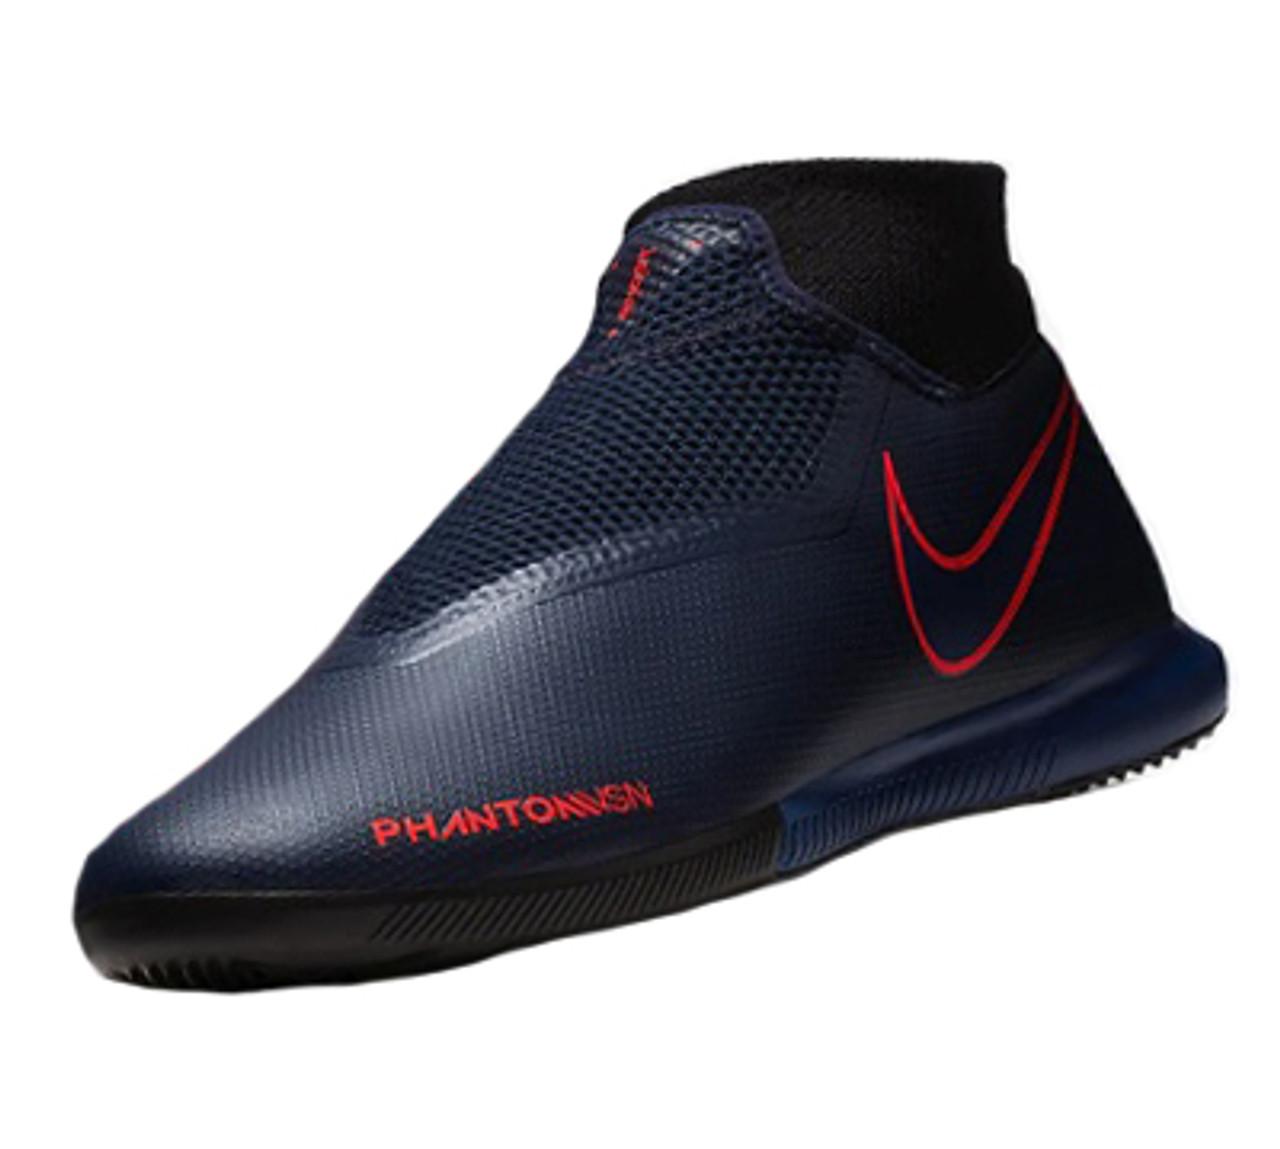 38b41b377d354 Nike Phantom VSN Academy Dynamic Fit IC - Obsidian/Obsidian/Black/Bright  Crimson